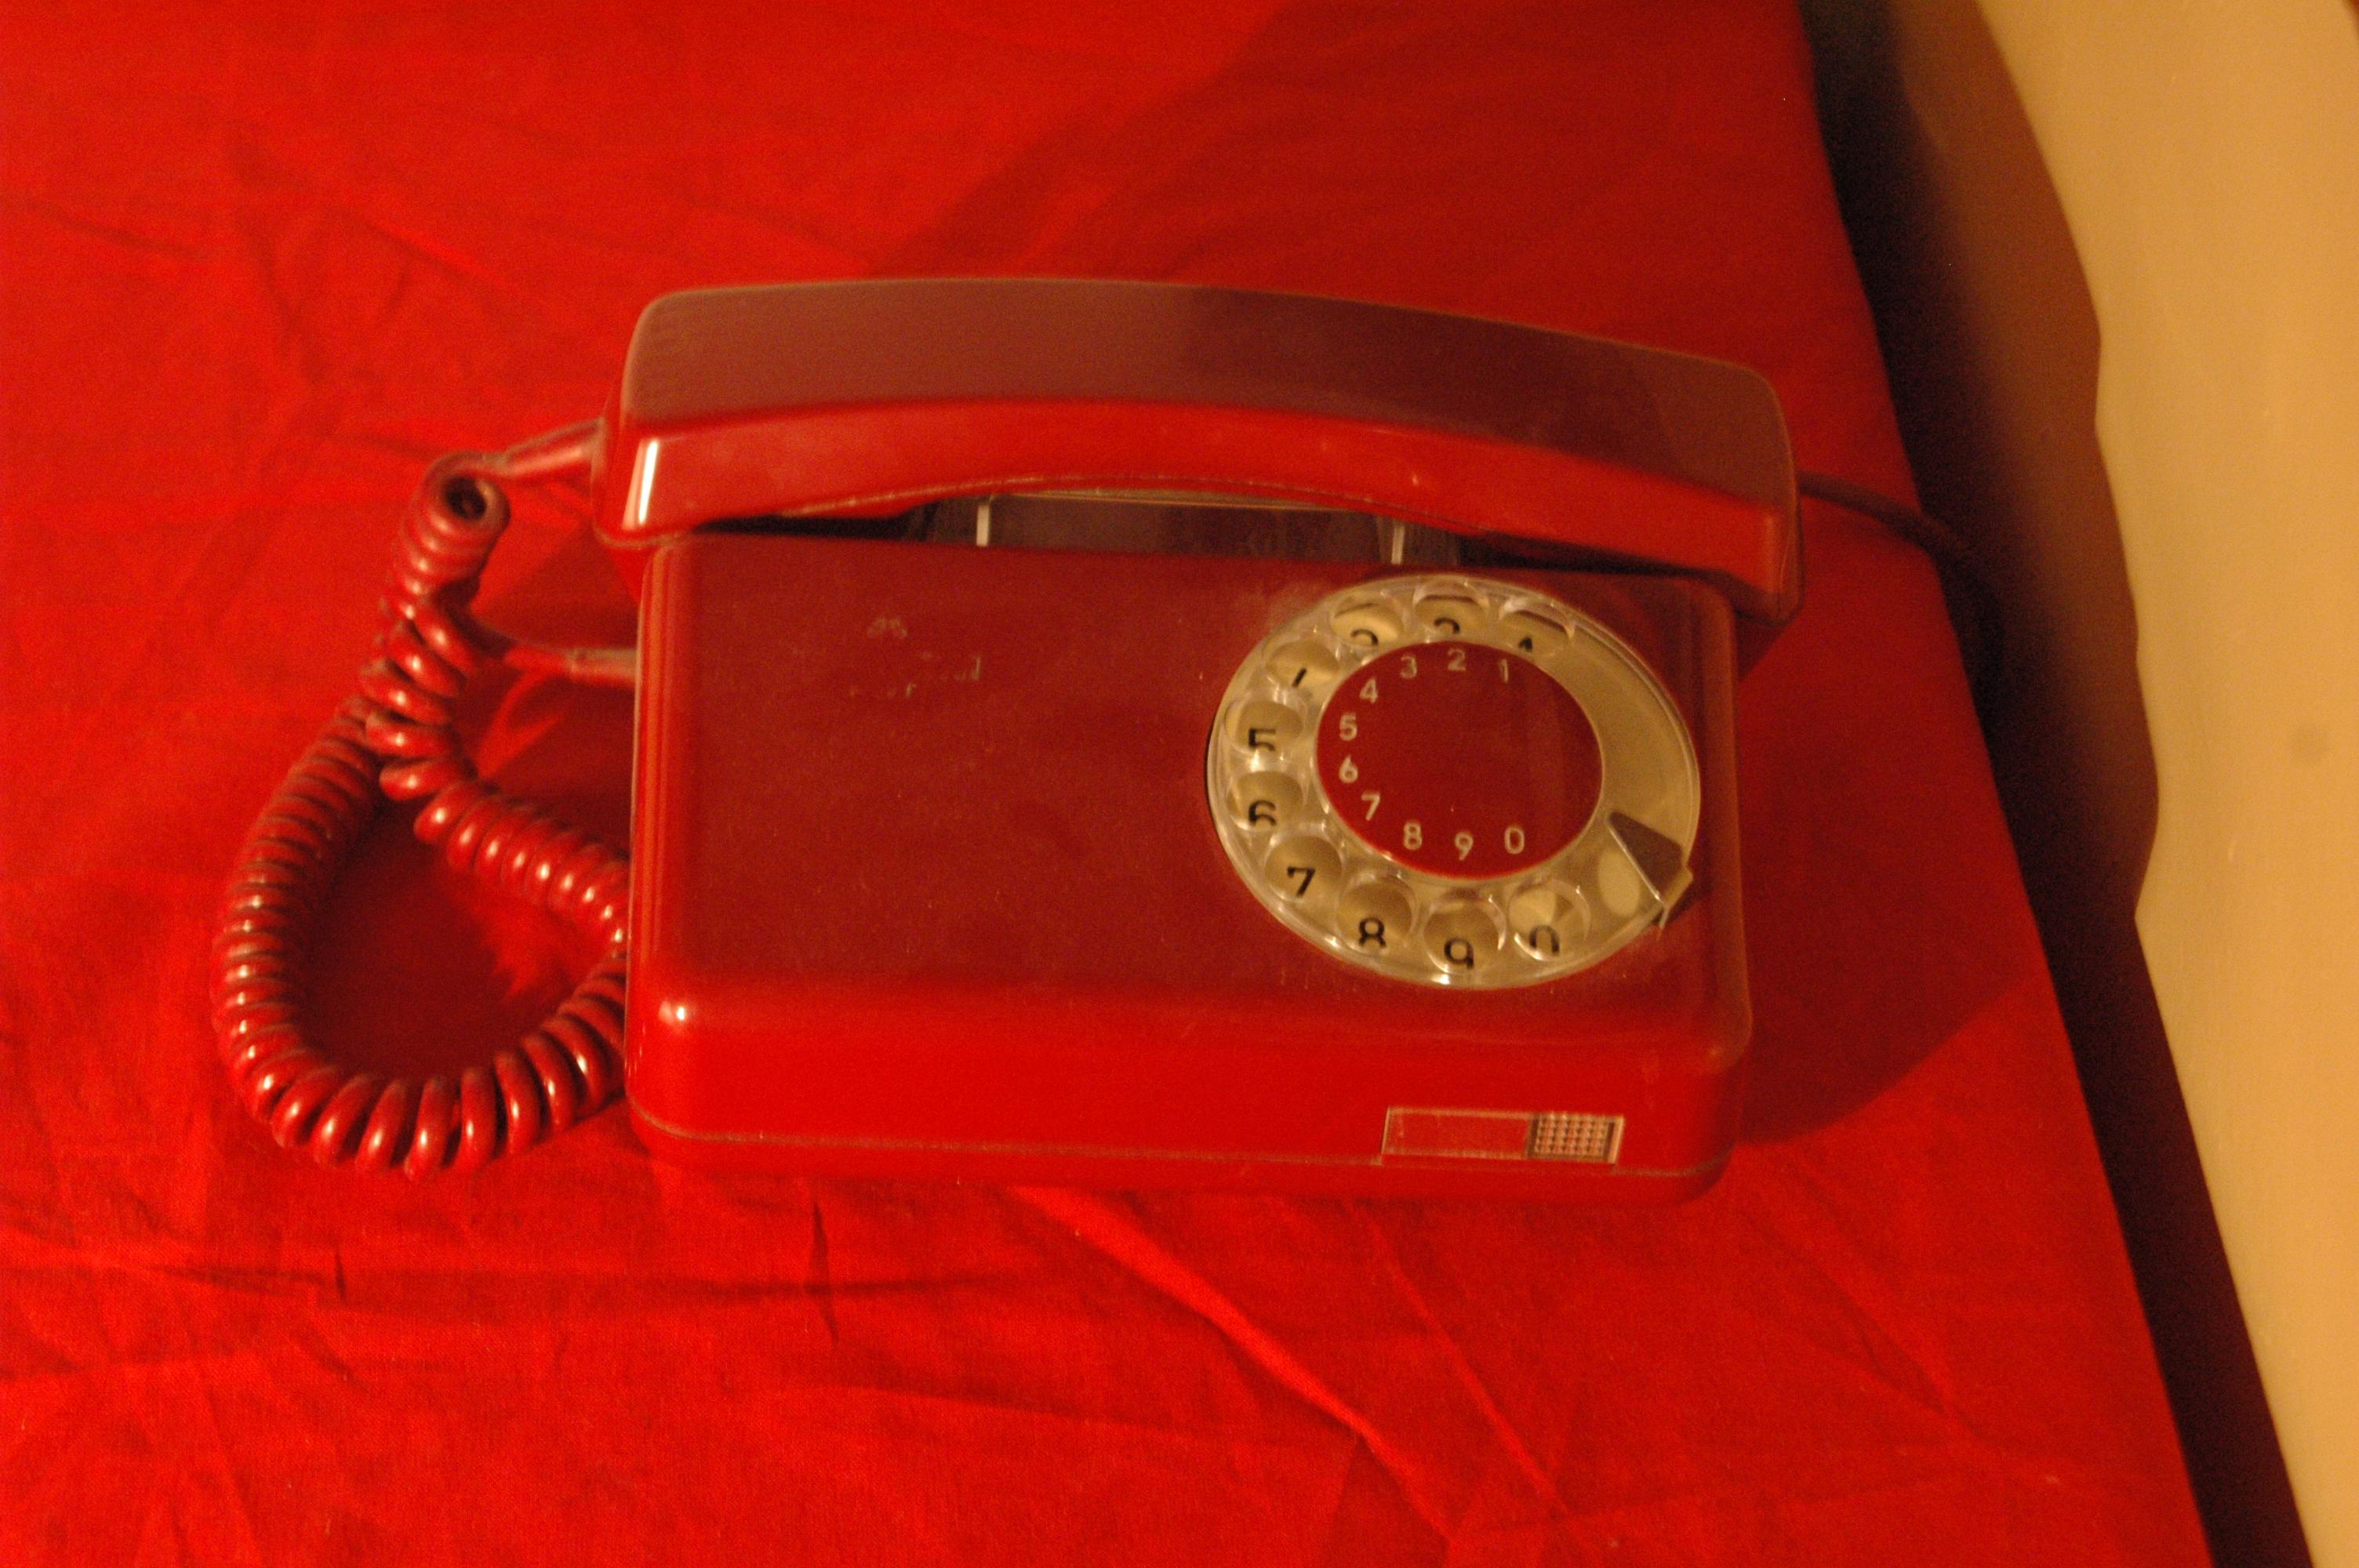 """Oryginalny telefon z tamtych czasów. Dzwoniąc gdzieś w stanie wojennym (kiedy już na to pozwolono, bo początkowo zablokowano całą cywilna łączność), trzeba było wysłuchać ciepłego (?) damskiego głosu recytującego: """"ROZMOWA KONTROLOWANA. ROZMOWA KONTROLOWANA. ROZMOWA KONTROLOWANA."""